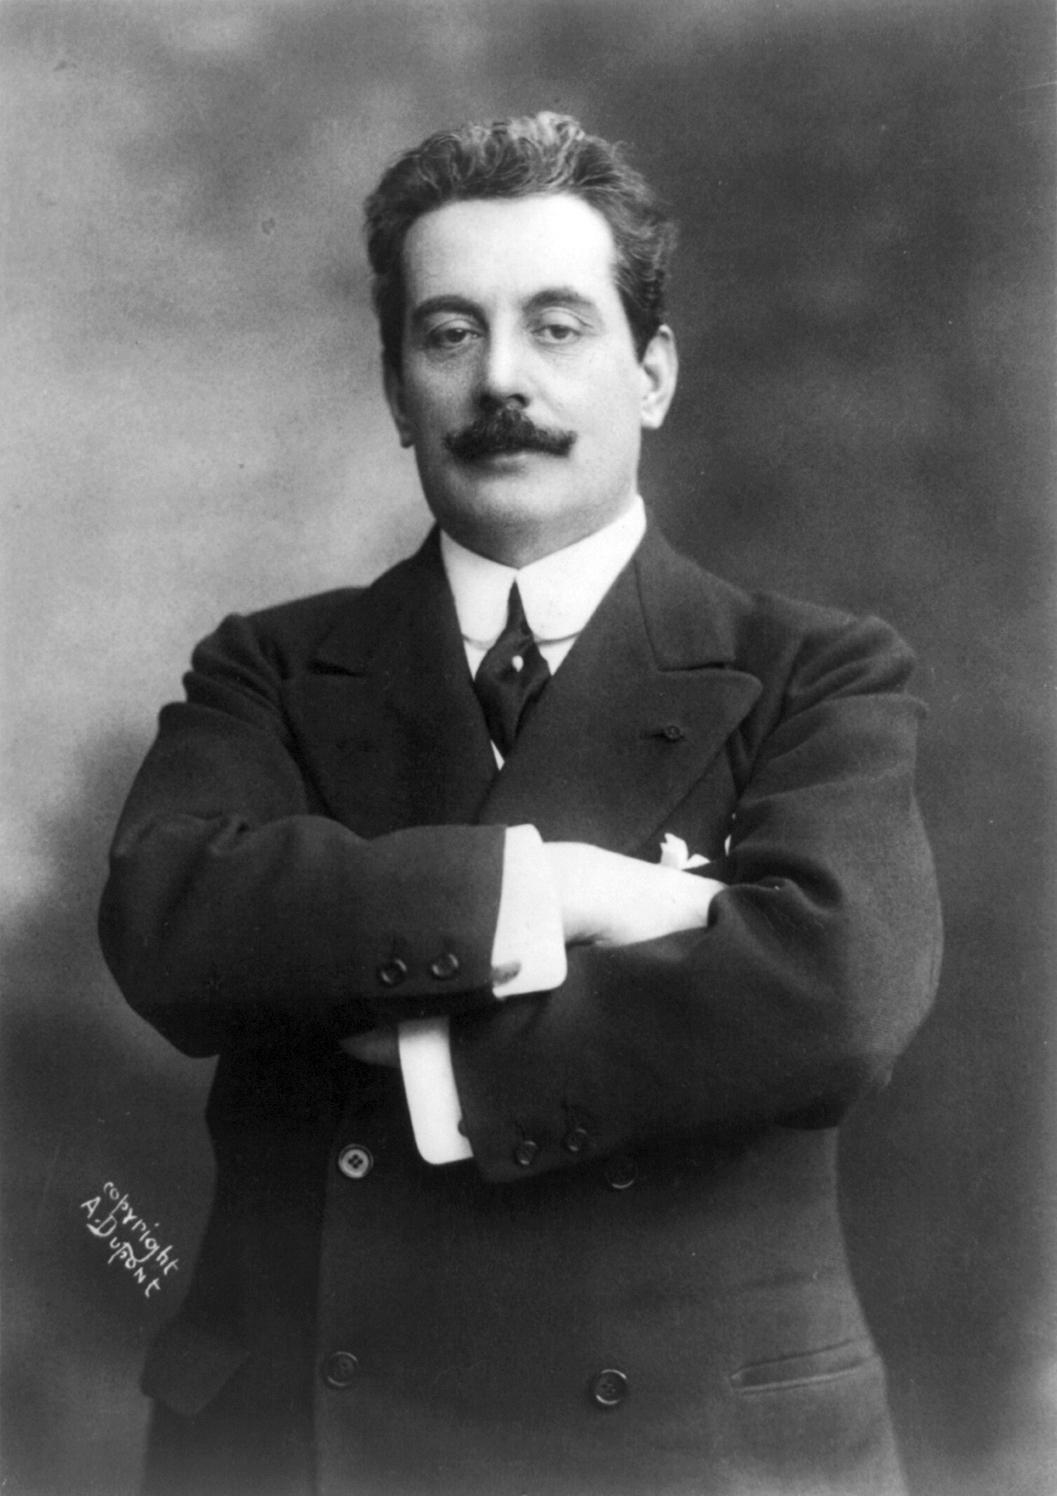 <center>Giacomo Puccini</center>